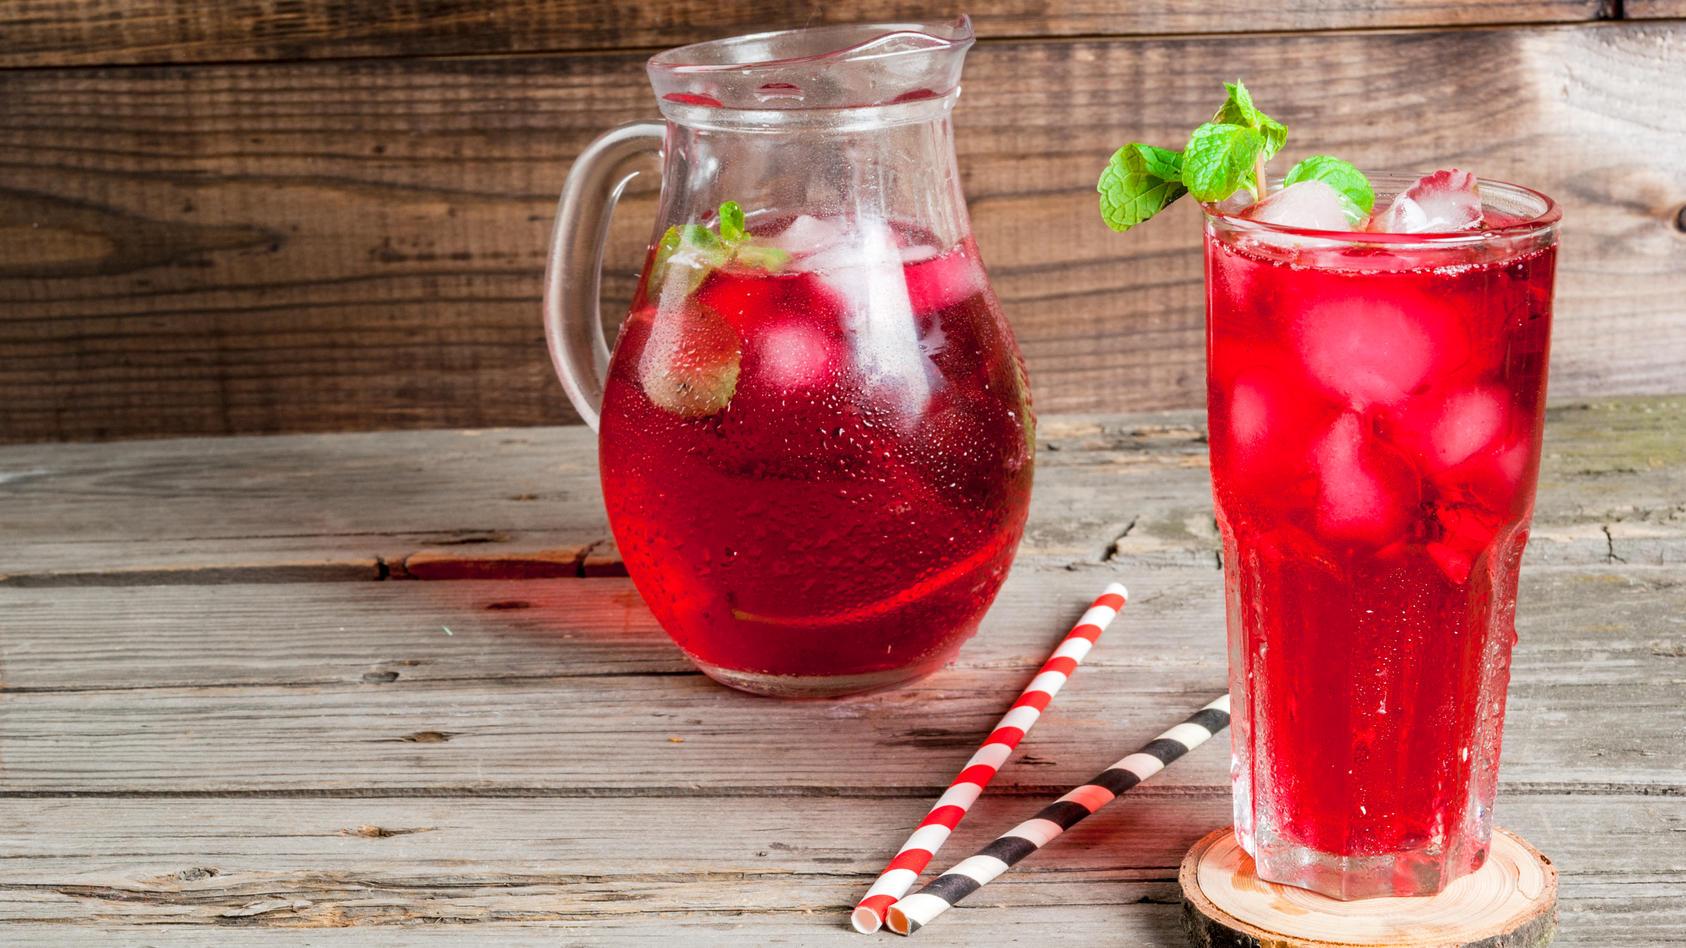 Diese Sommerlimonade setzt sich ganz bestimmt nicht an den Hüften fest - denn zuckerfreie Rezepte ermöglichen kühle Erfrischungen mit wenig Kalorien.